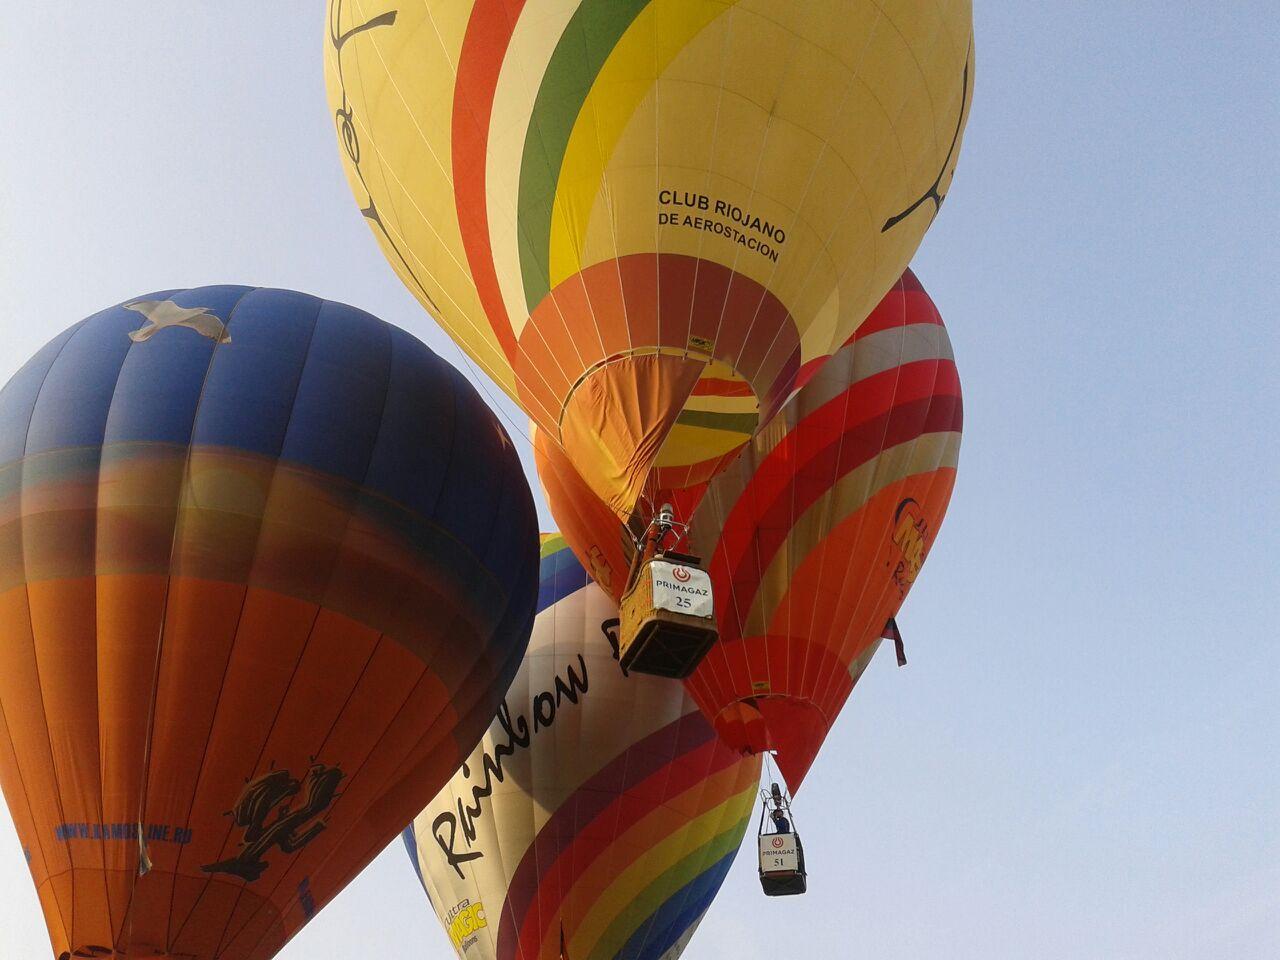 vuelo globo campeonato globo la rioja